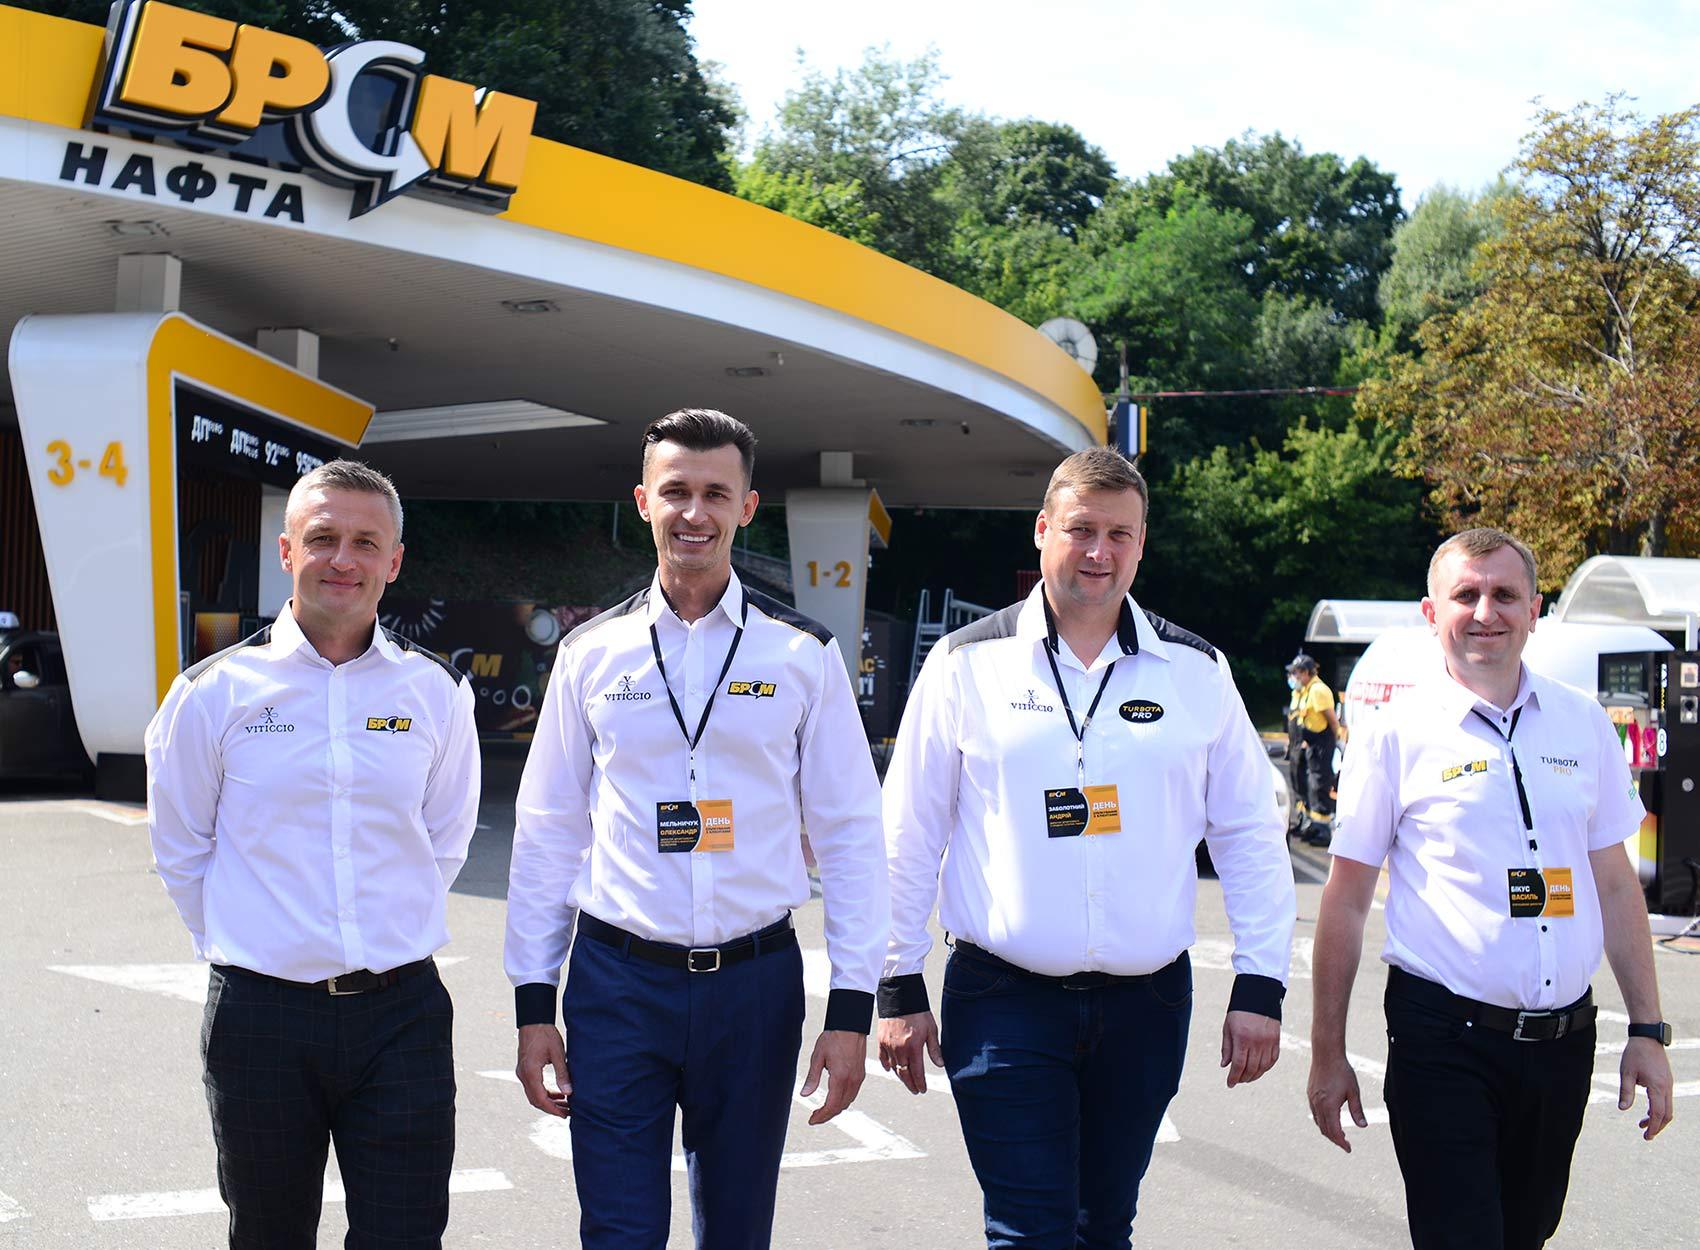 Ближе к клиенту: топ-менеджеры сети АЗК «БРСМ-НАФТА» заняли рабочие места операторов